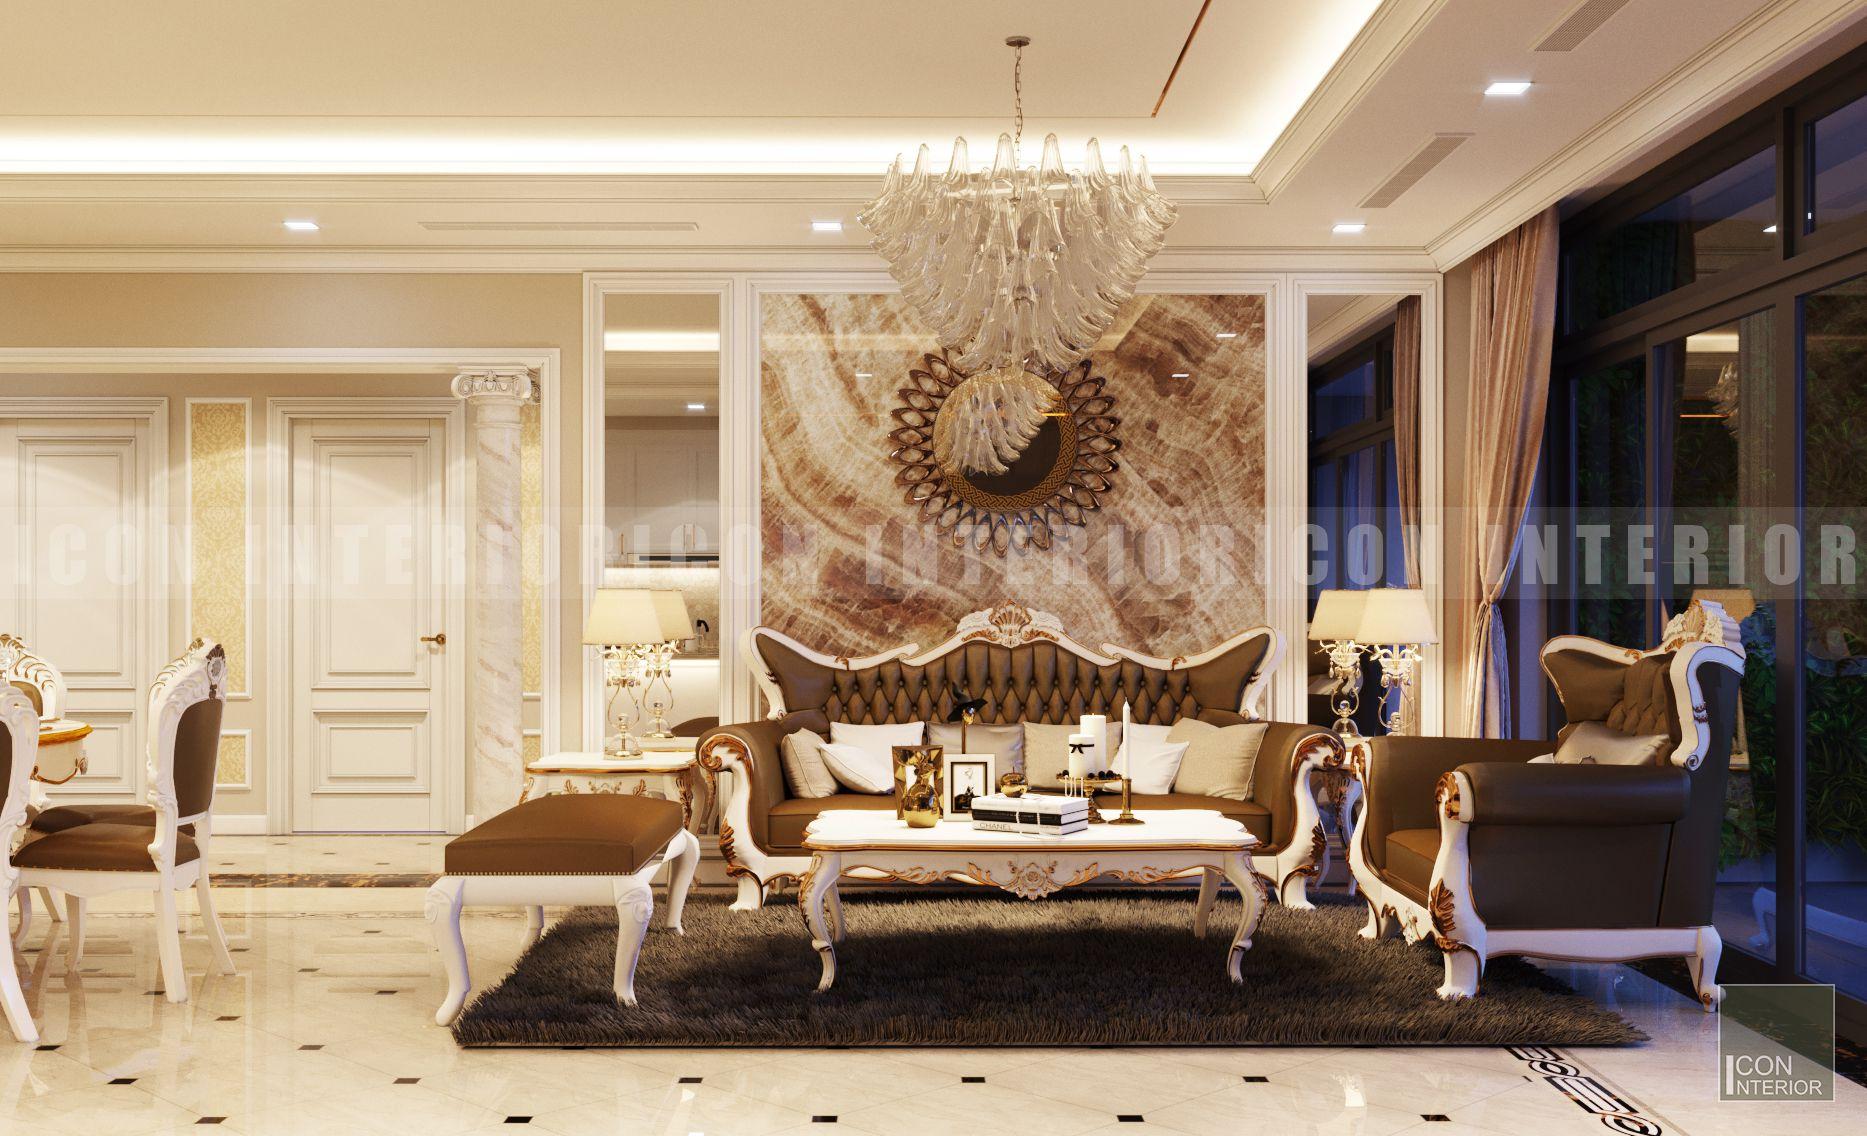 thiết kế nội thất phong cách cổ điển phòng khách